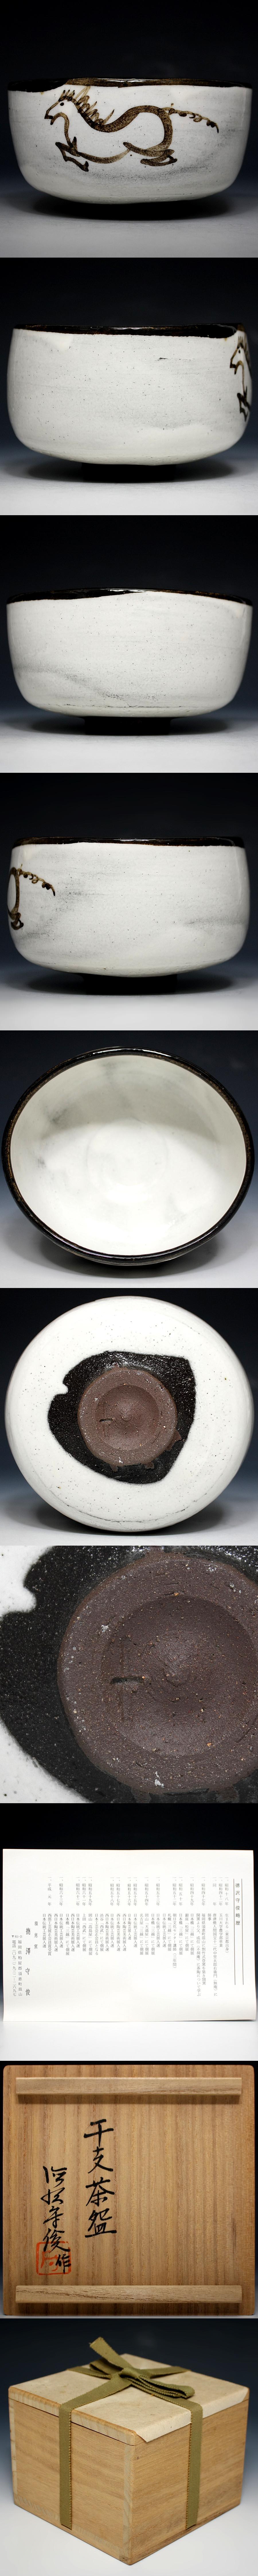 【骨董】【Y's Gallery】本物保証 徳澤守俊 須恵窯 干支 馬 茶碗 共箱 g286の詳細